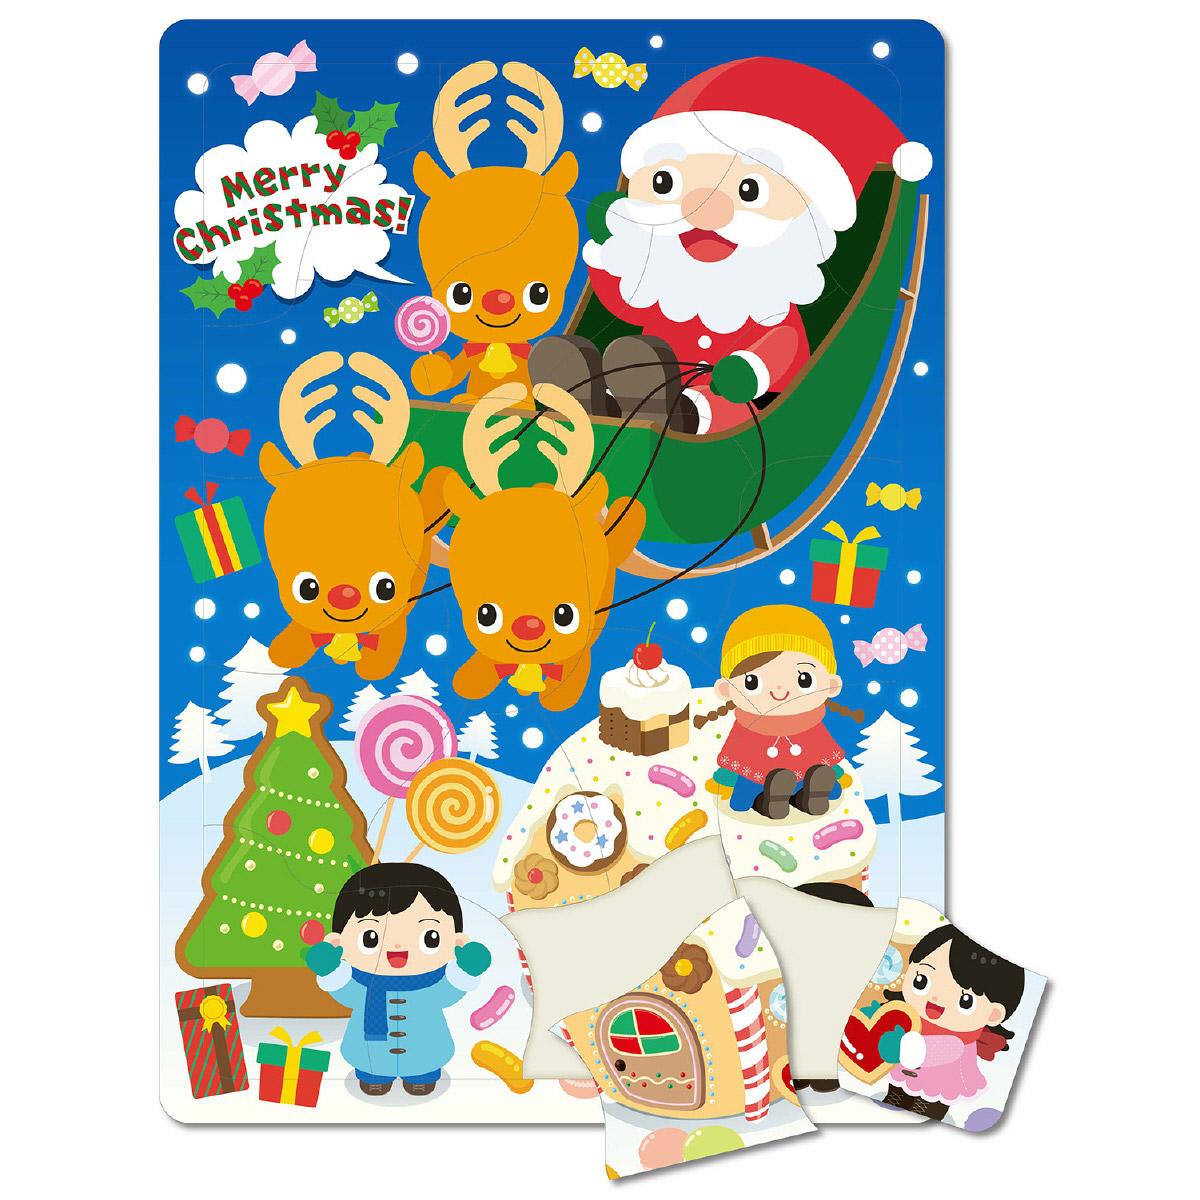 わくわく クリスマス パズル サンタクロース トナカイ 幼児 ゲーム おもちゃ 知育玩具 クリスマスプレゼント